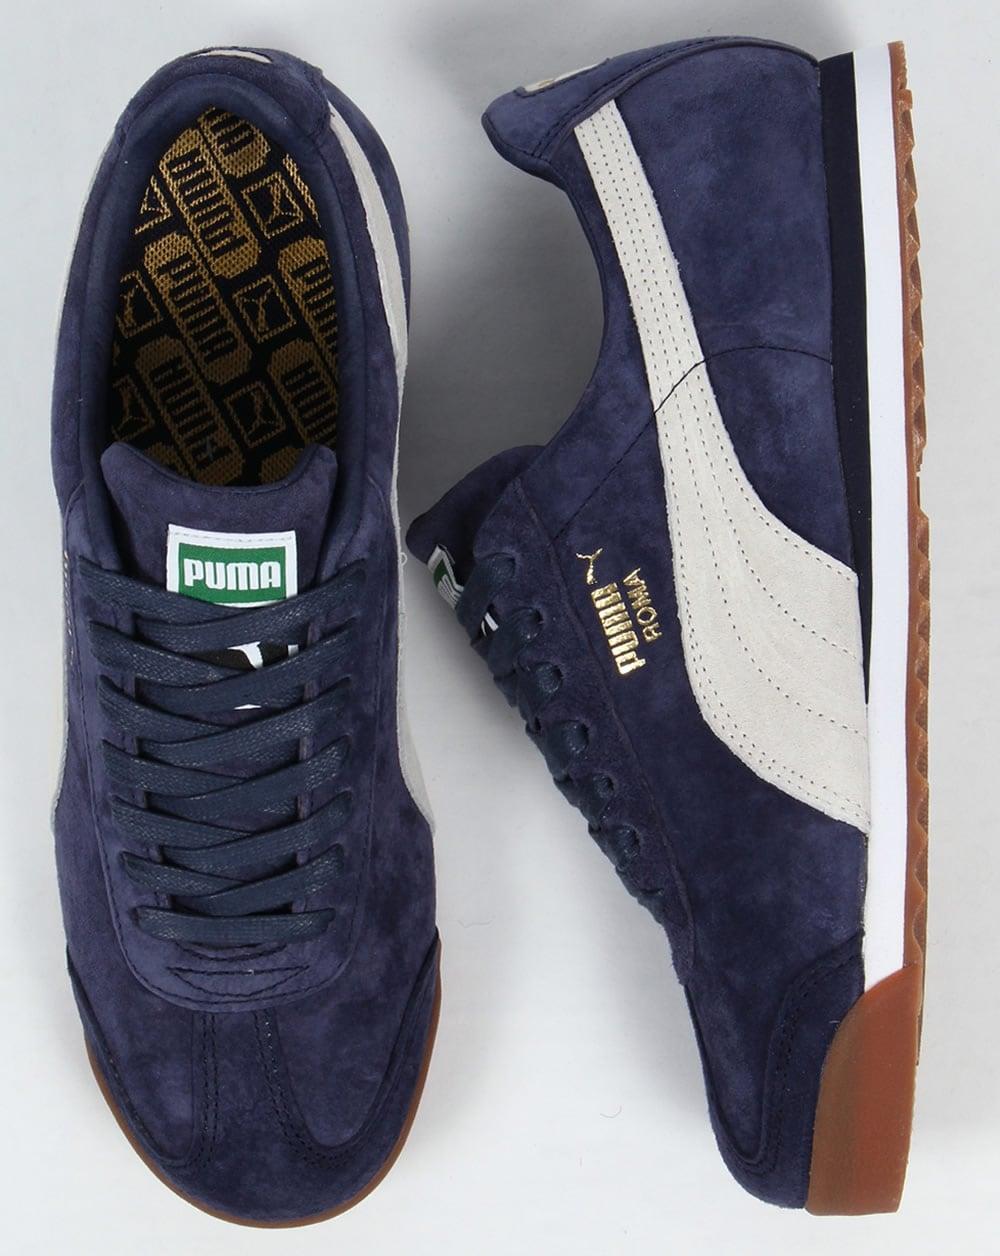 Puma Roma Bianco Navy BcEc9XcTQ